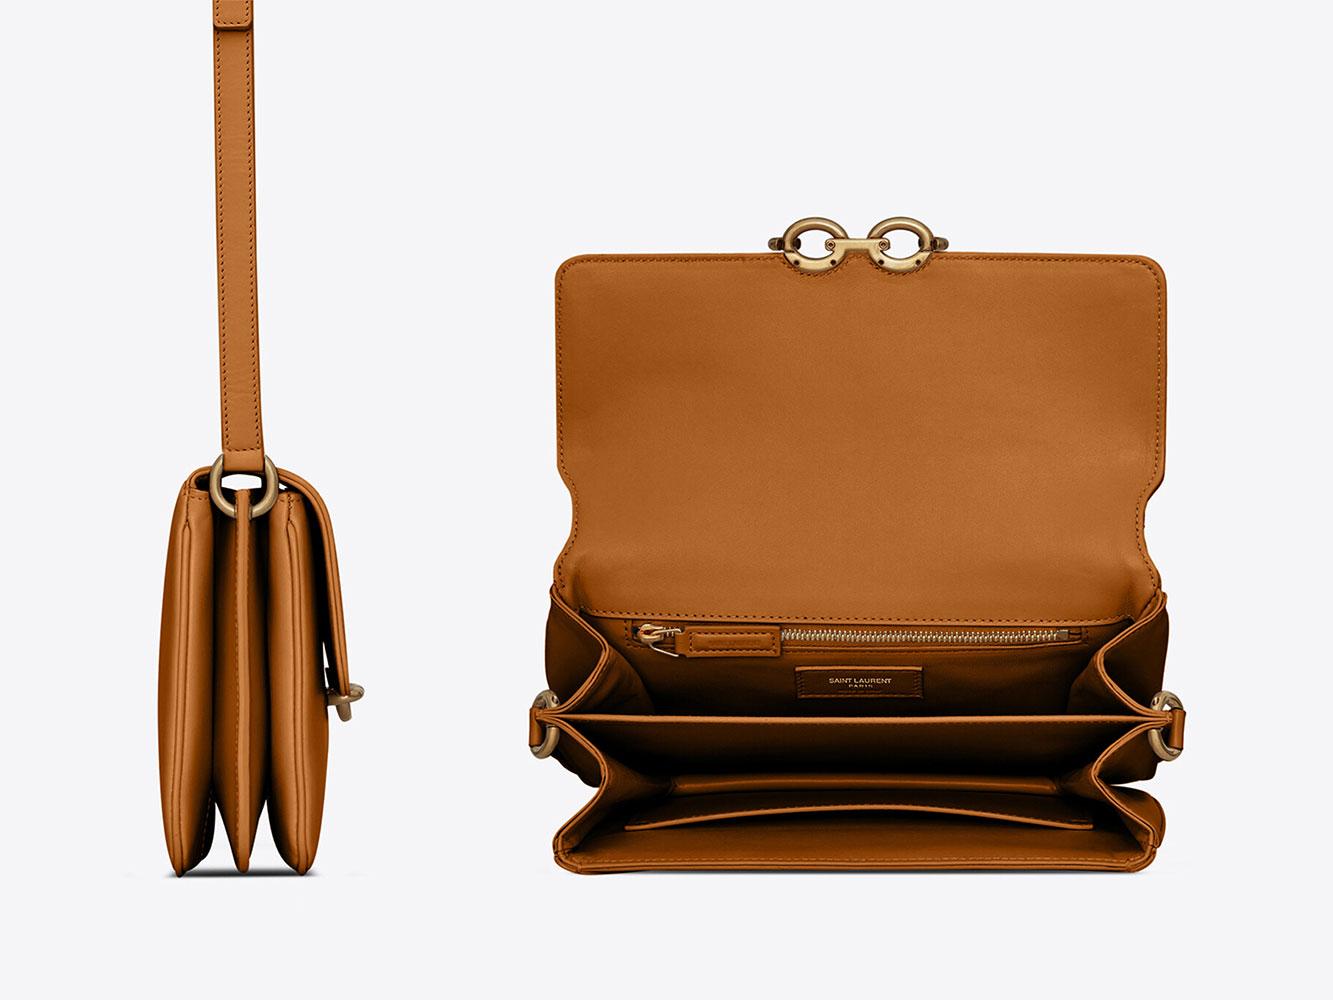 Saint Laurent ra mắt túi Maillon không logo, bị đánh giá là giống Gucci 4